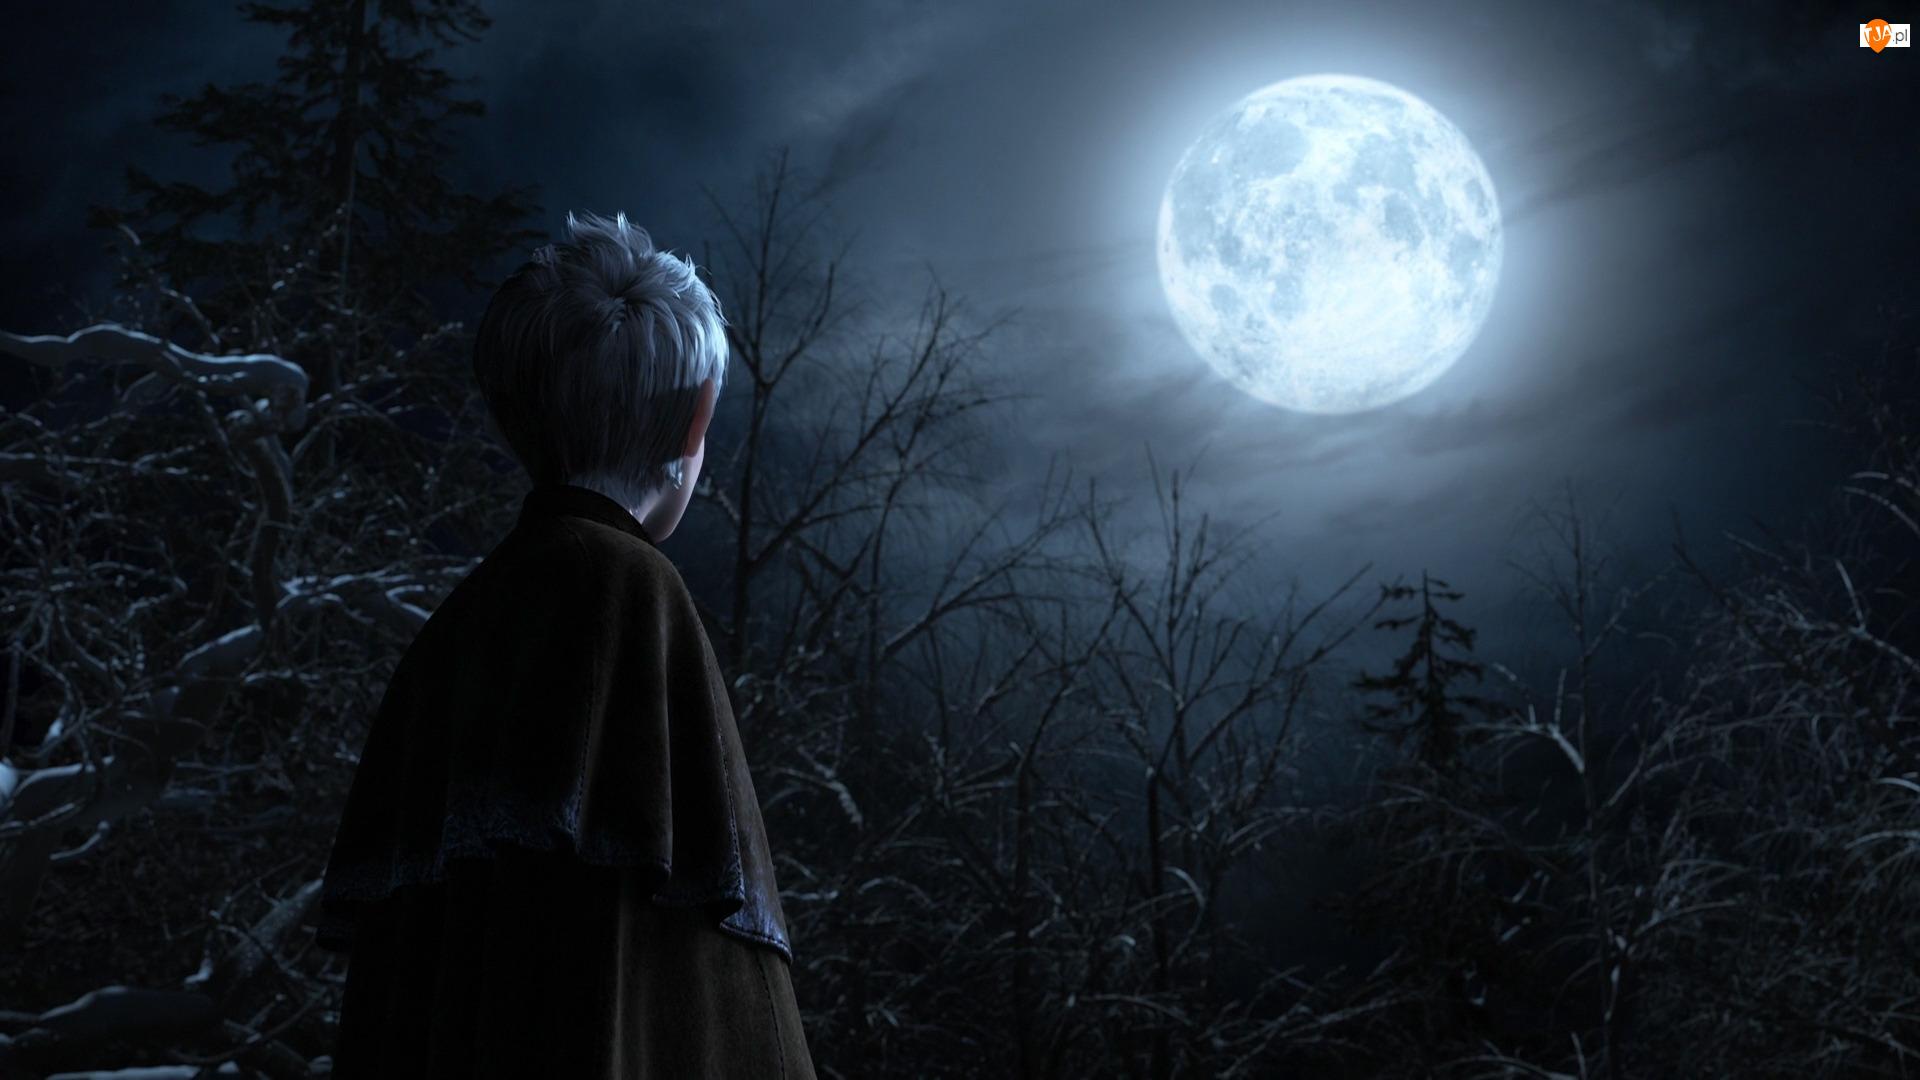 Księżyc, Film animowany, Chłopiec, Strażnicy marzeń, Jack Frost